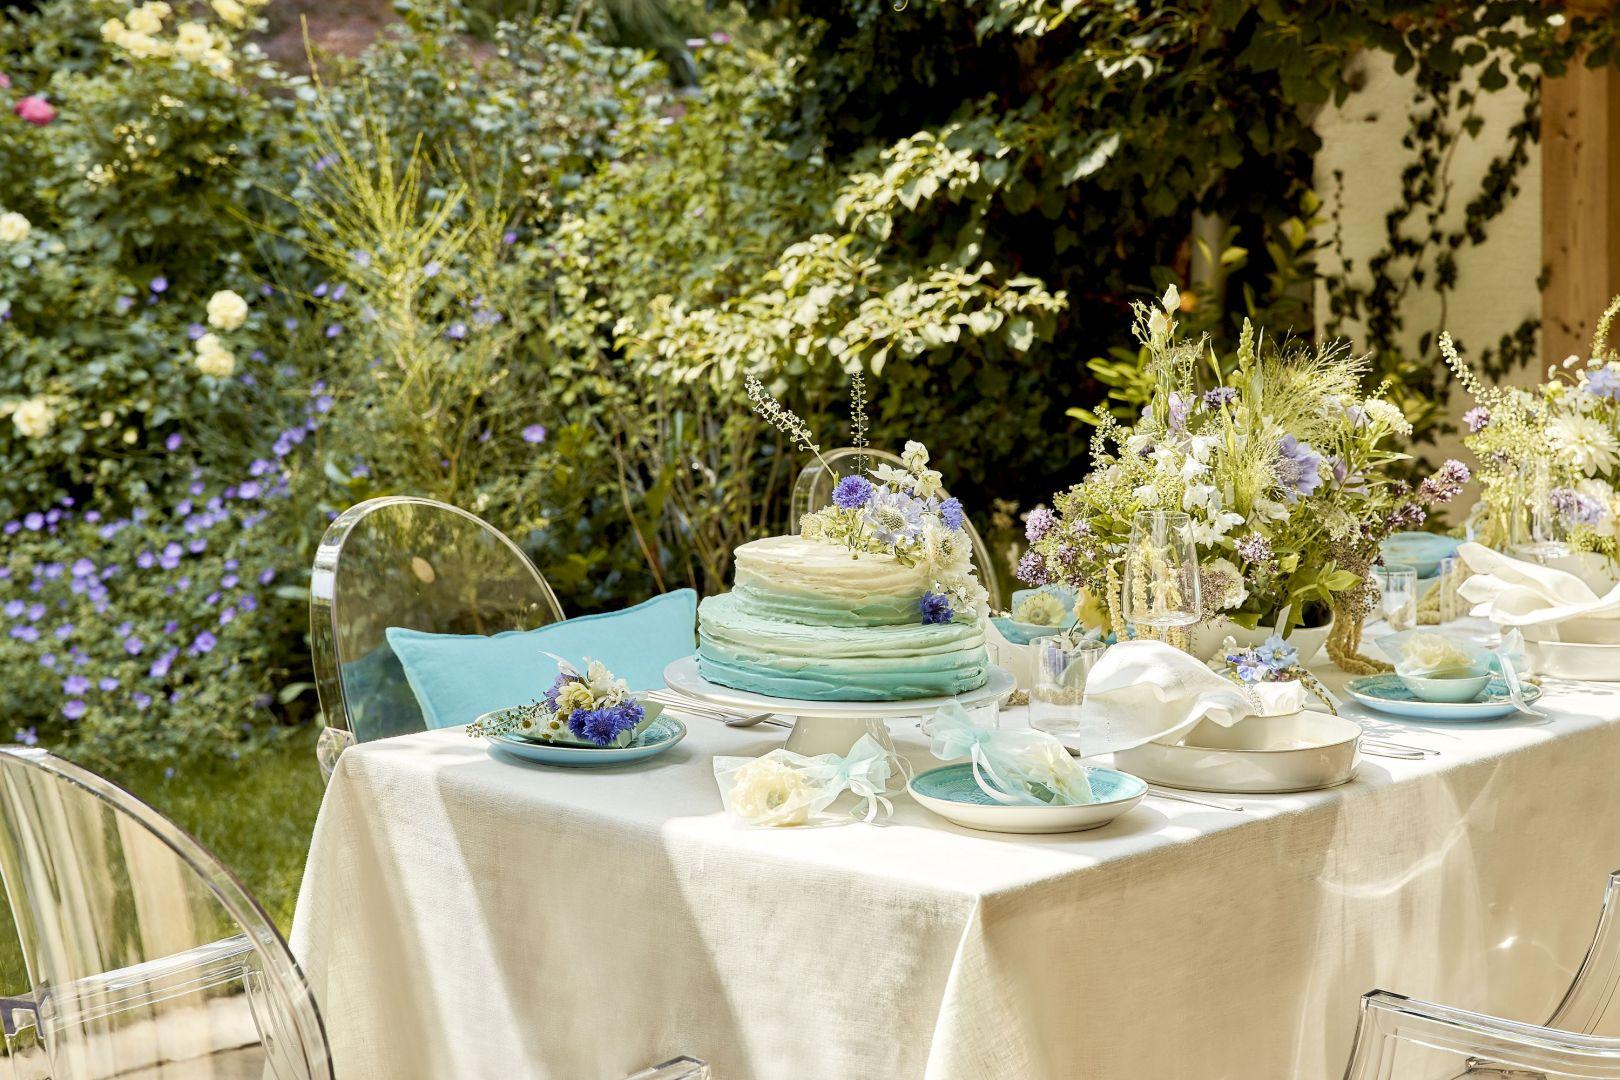 Jadalnia w ogrodzie. Fot. Westwing